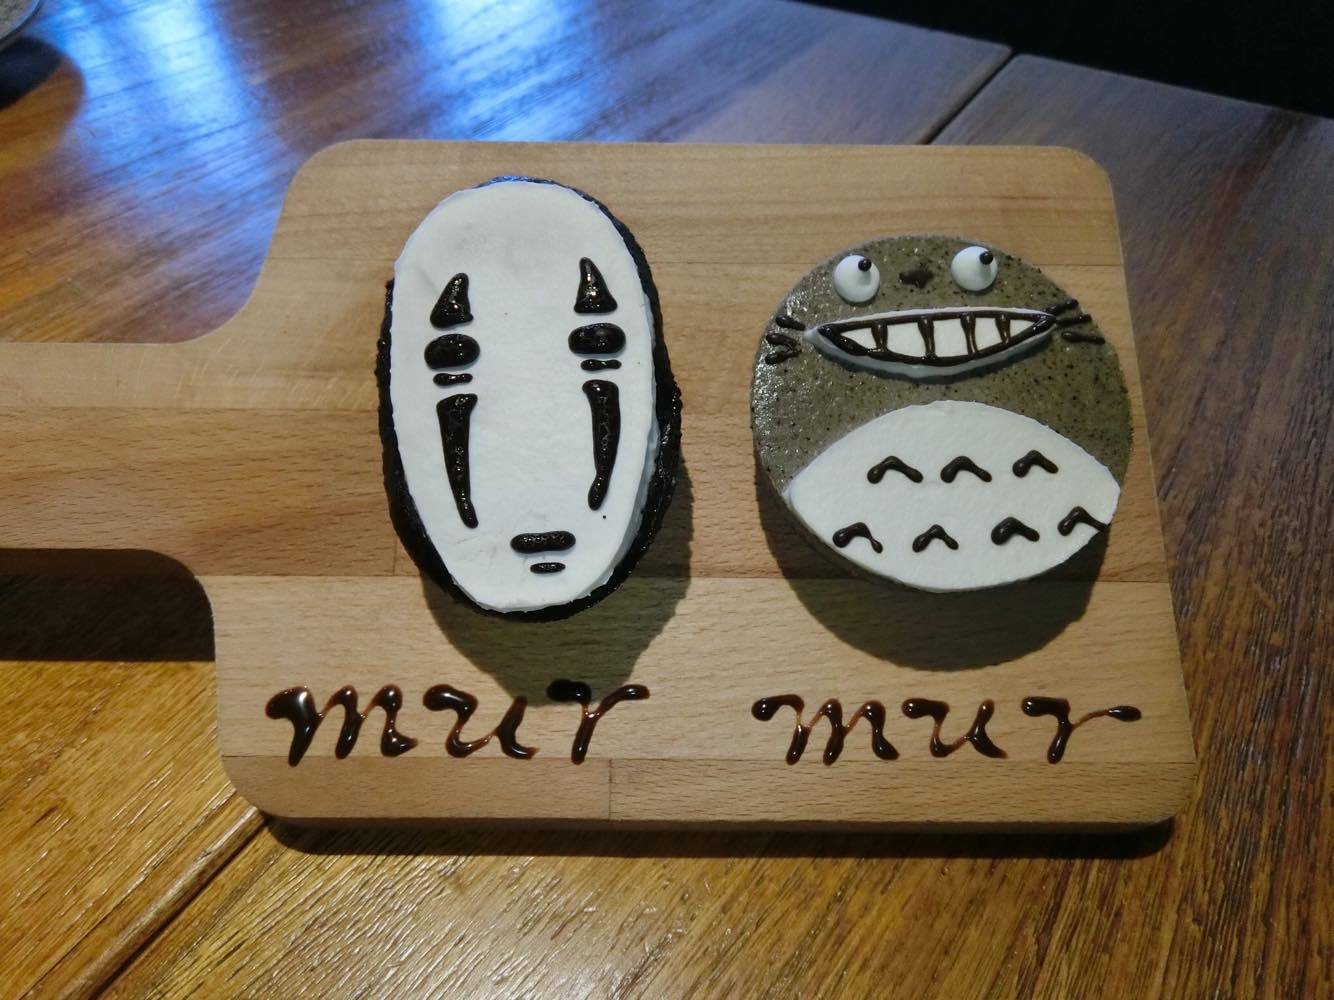 療癒的手工隱藏版古典巧克力(左)及芝麻乳酪口味(右),無臉男(左)及龍貓(右)。攝影/段羽柔